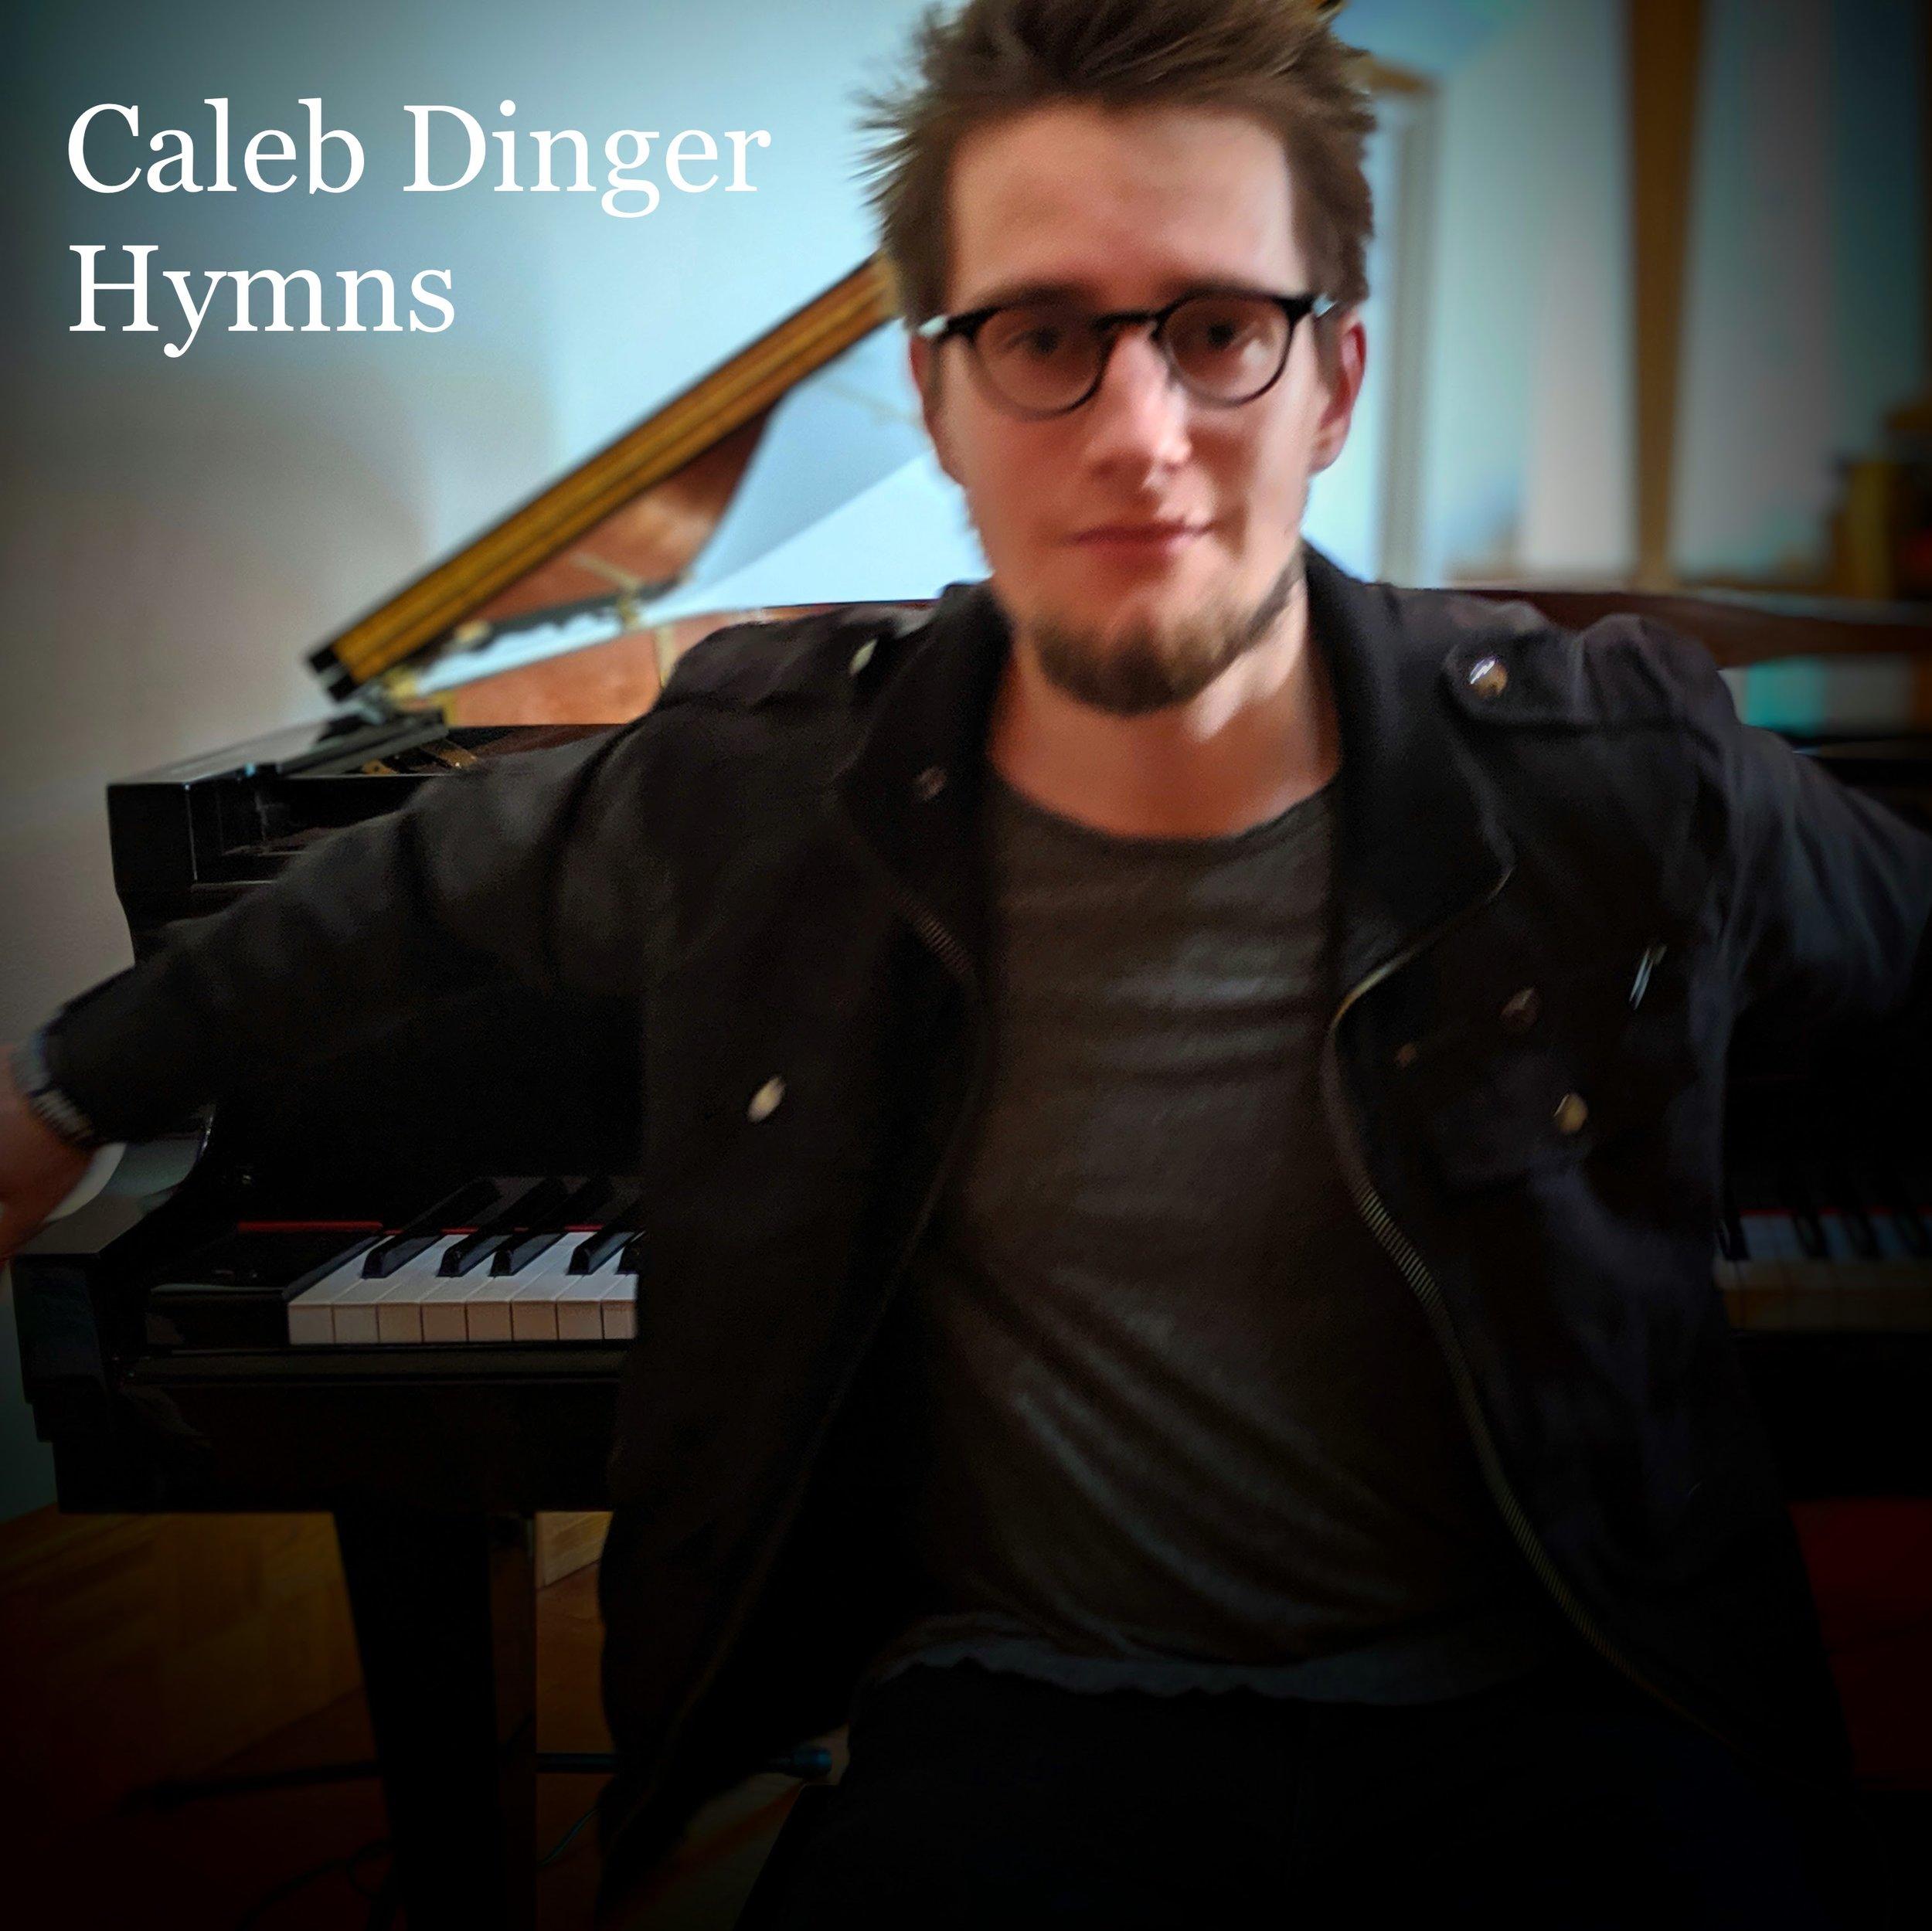 hymns artwork .jpg